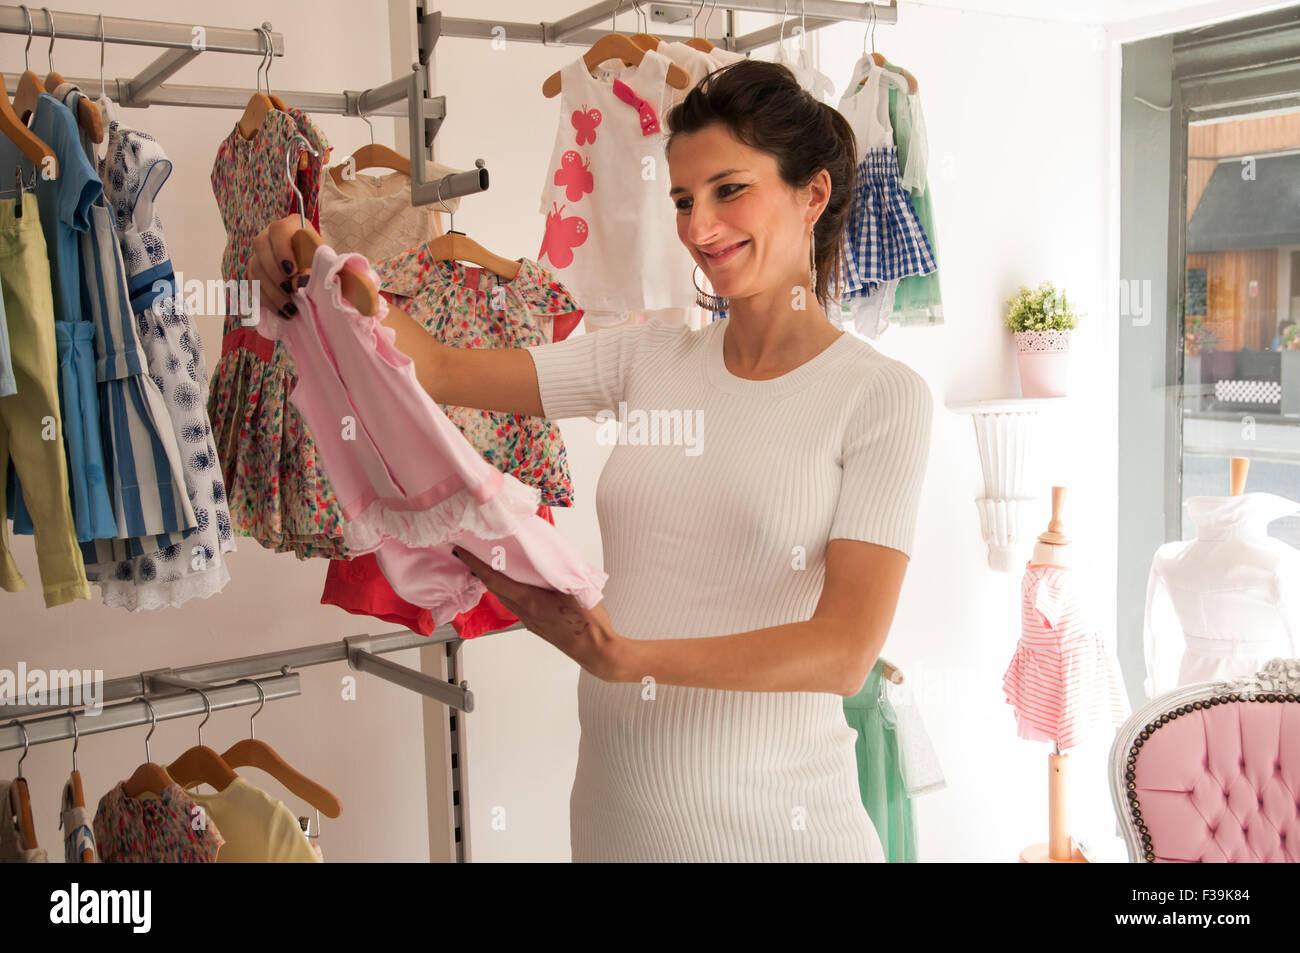 Porträt einer lächelnden schwangeren Frau in einem Geschäft Blick auf Baby-Kleidung Stockbild